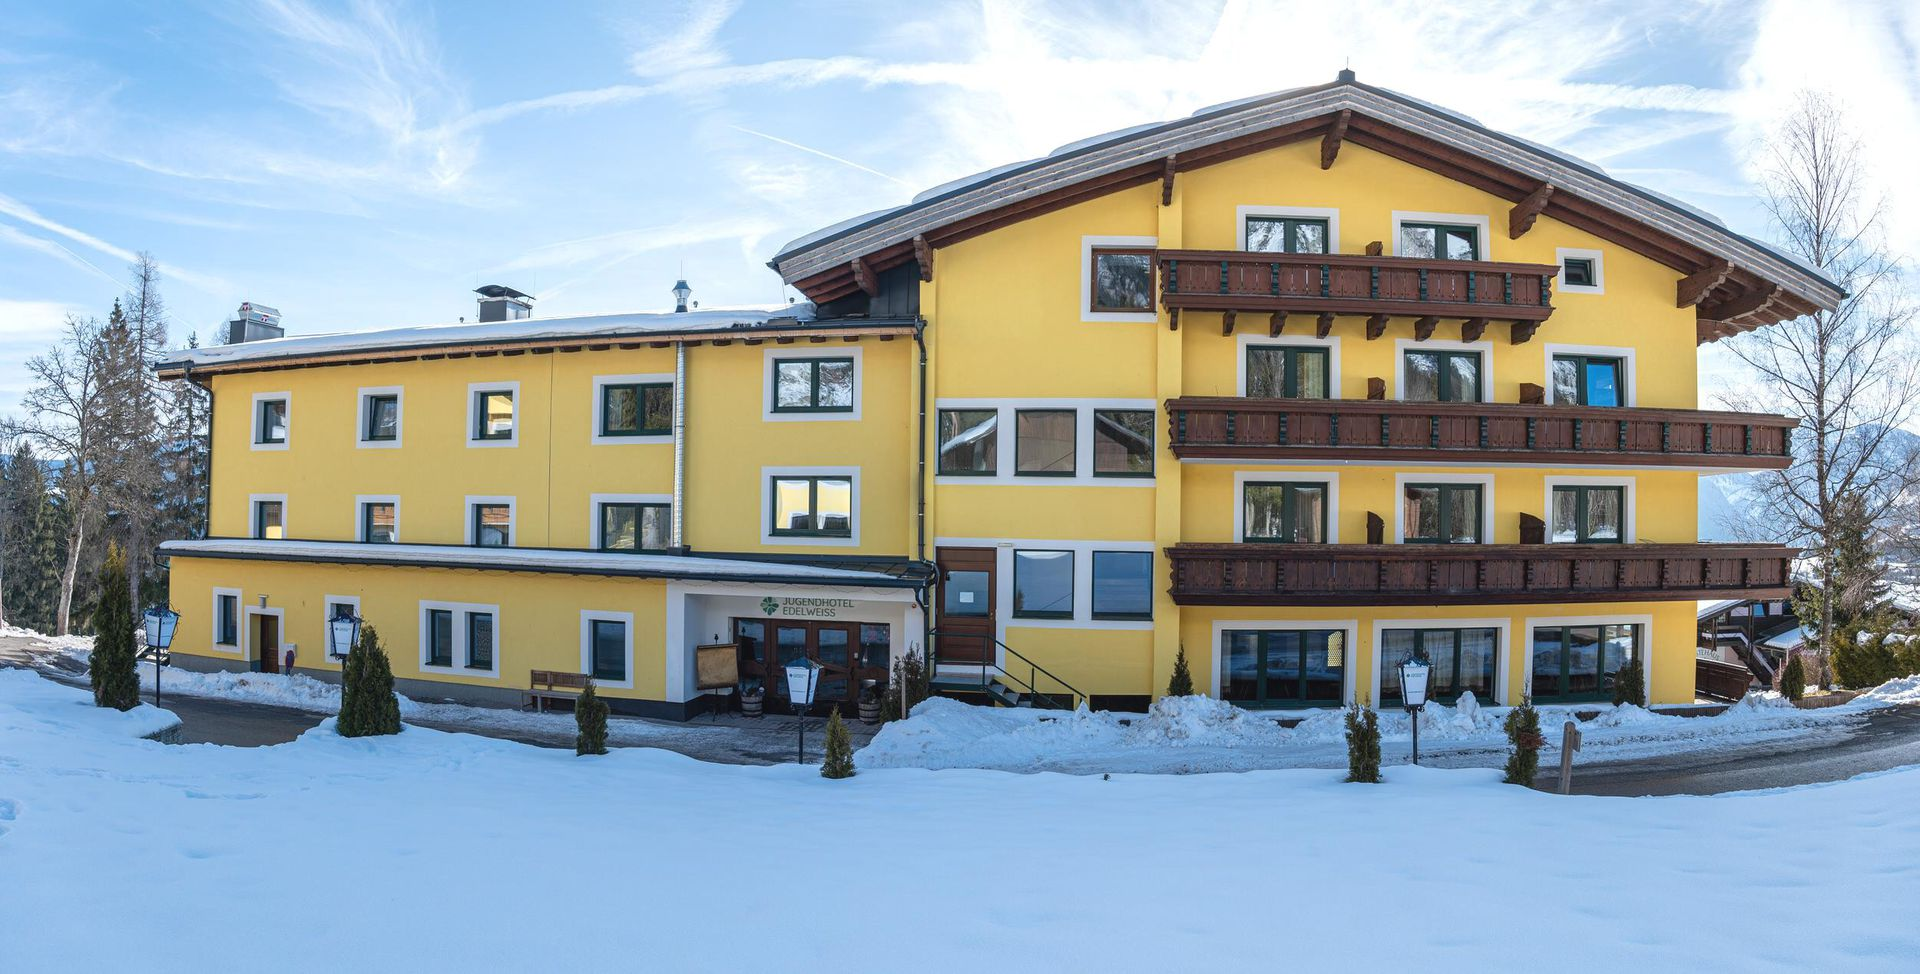 Ramsau am Dachstein - Mountain Hostel